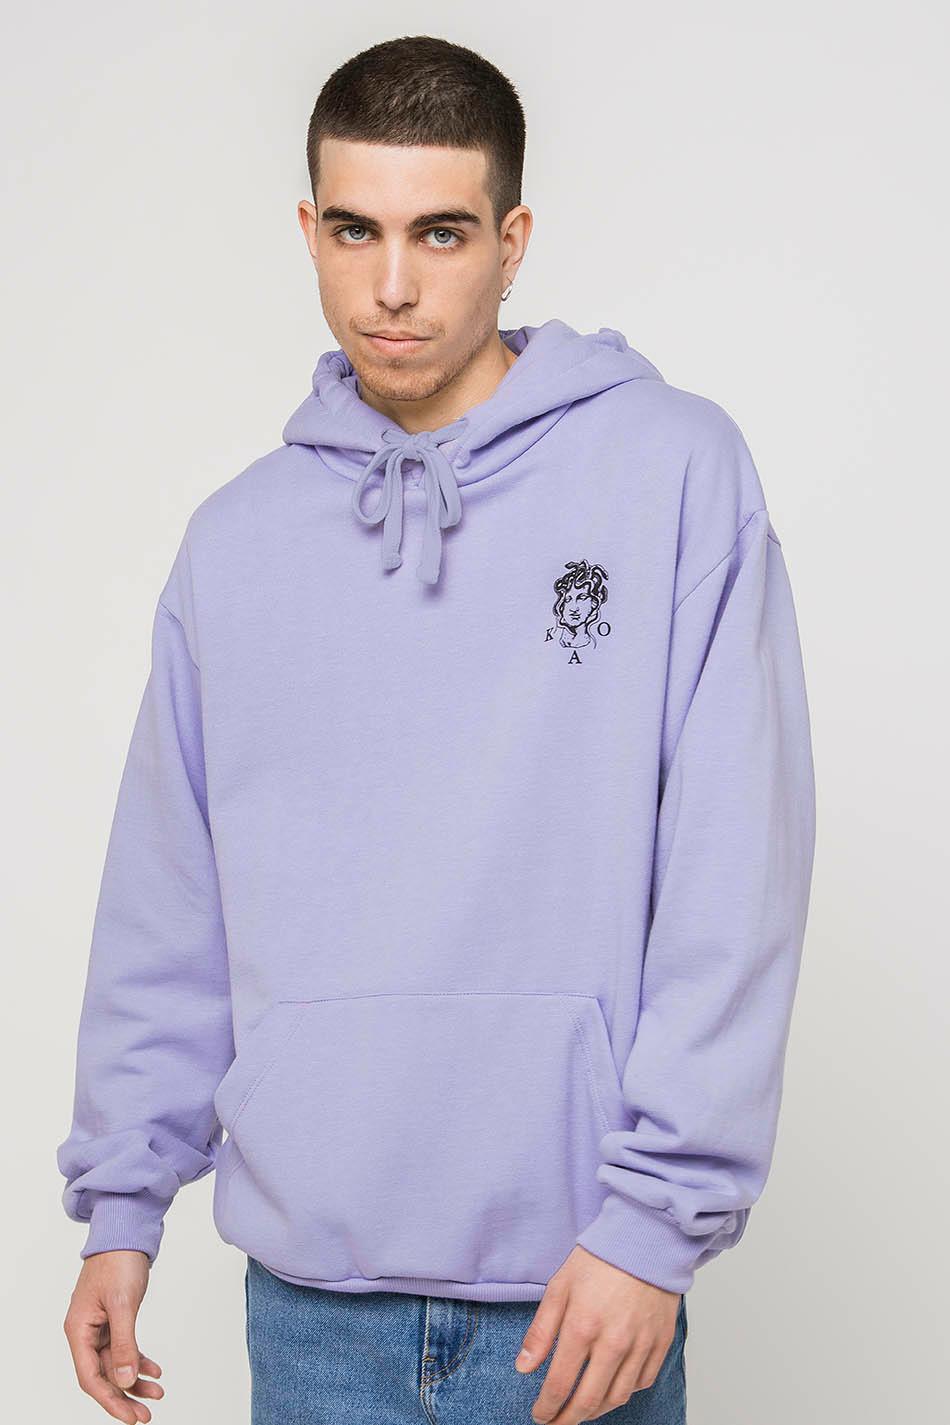 Jellyfish Grape Sweatshirt